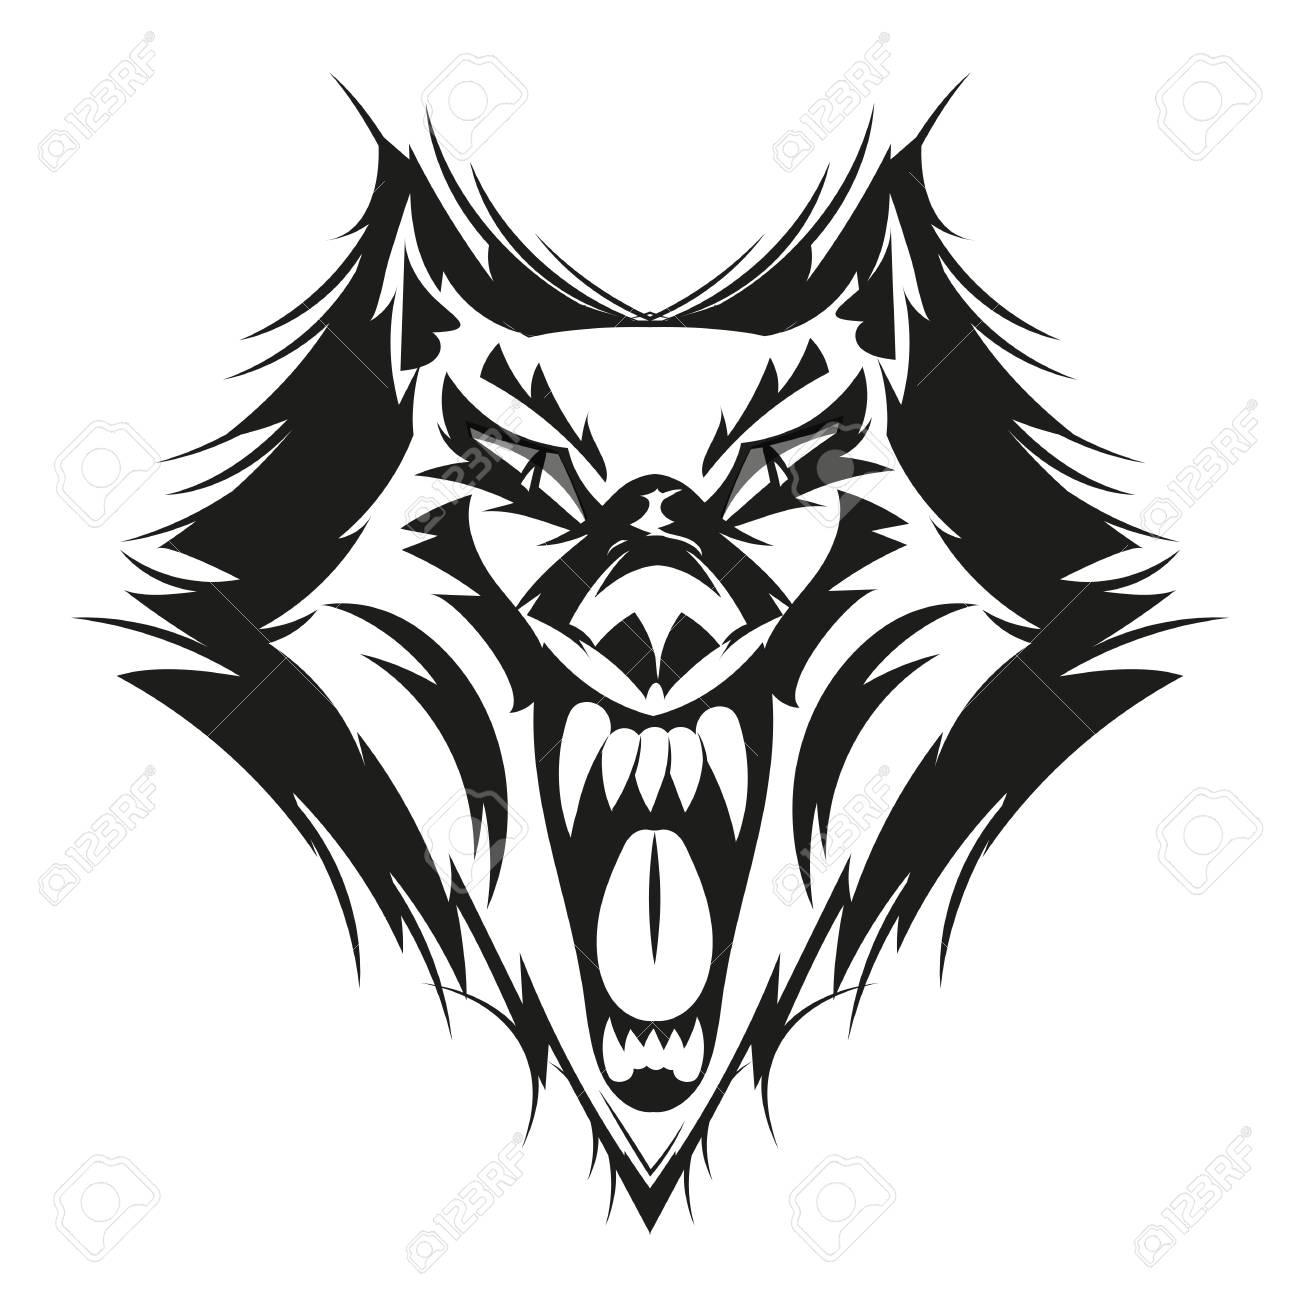 Fierce wolf face digital drawing vector illustration art stock vector 88315926